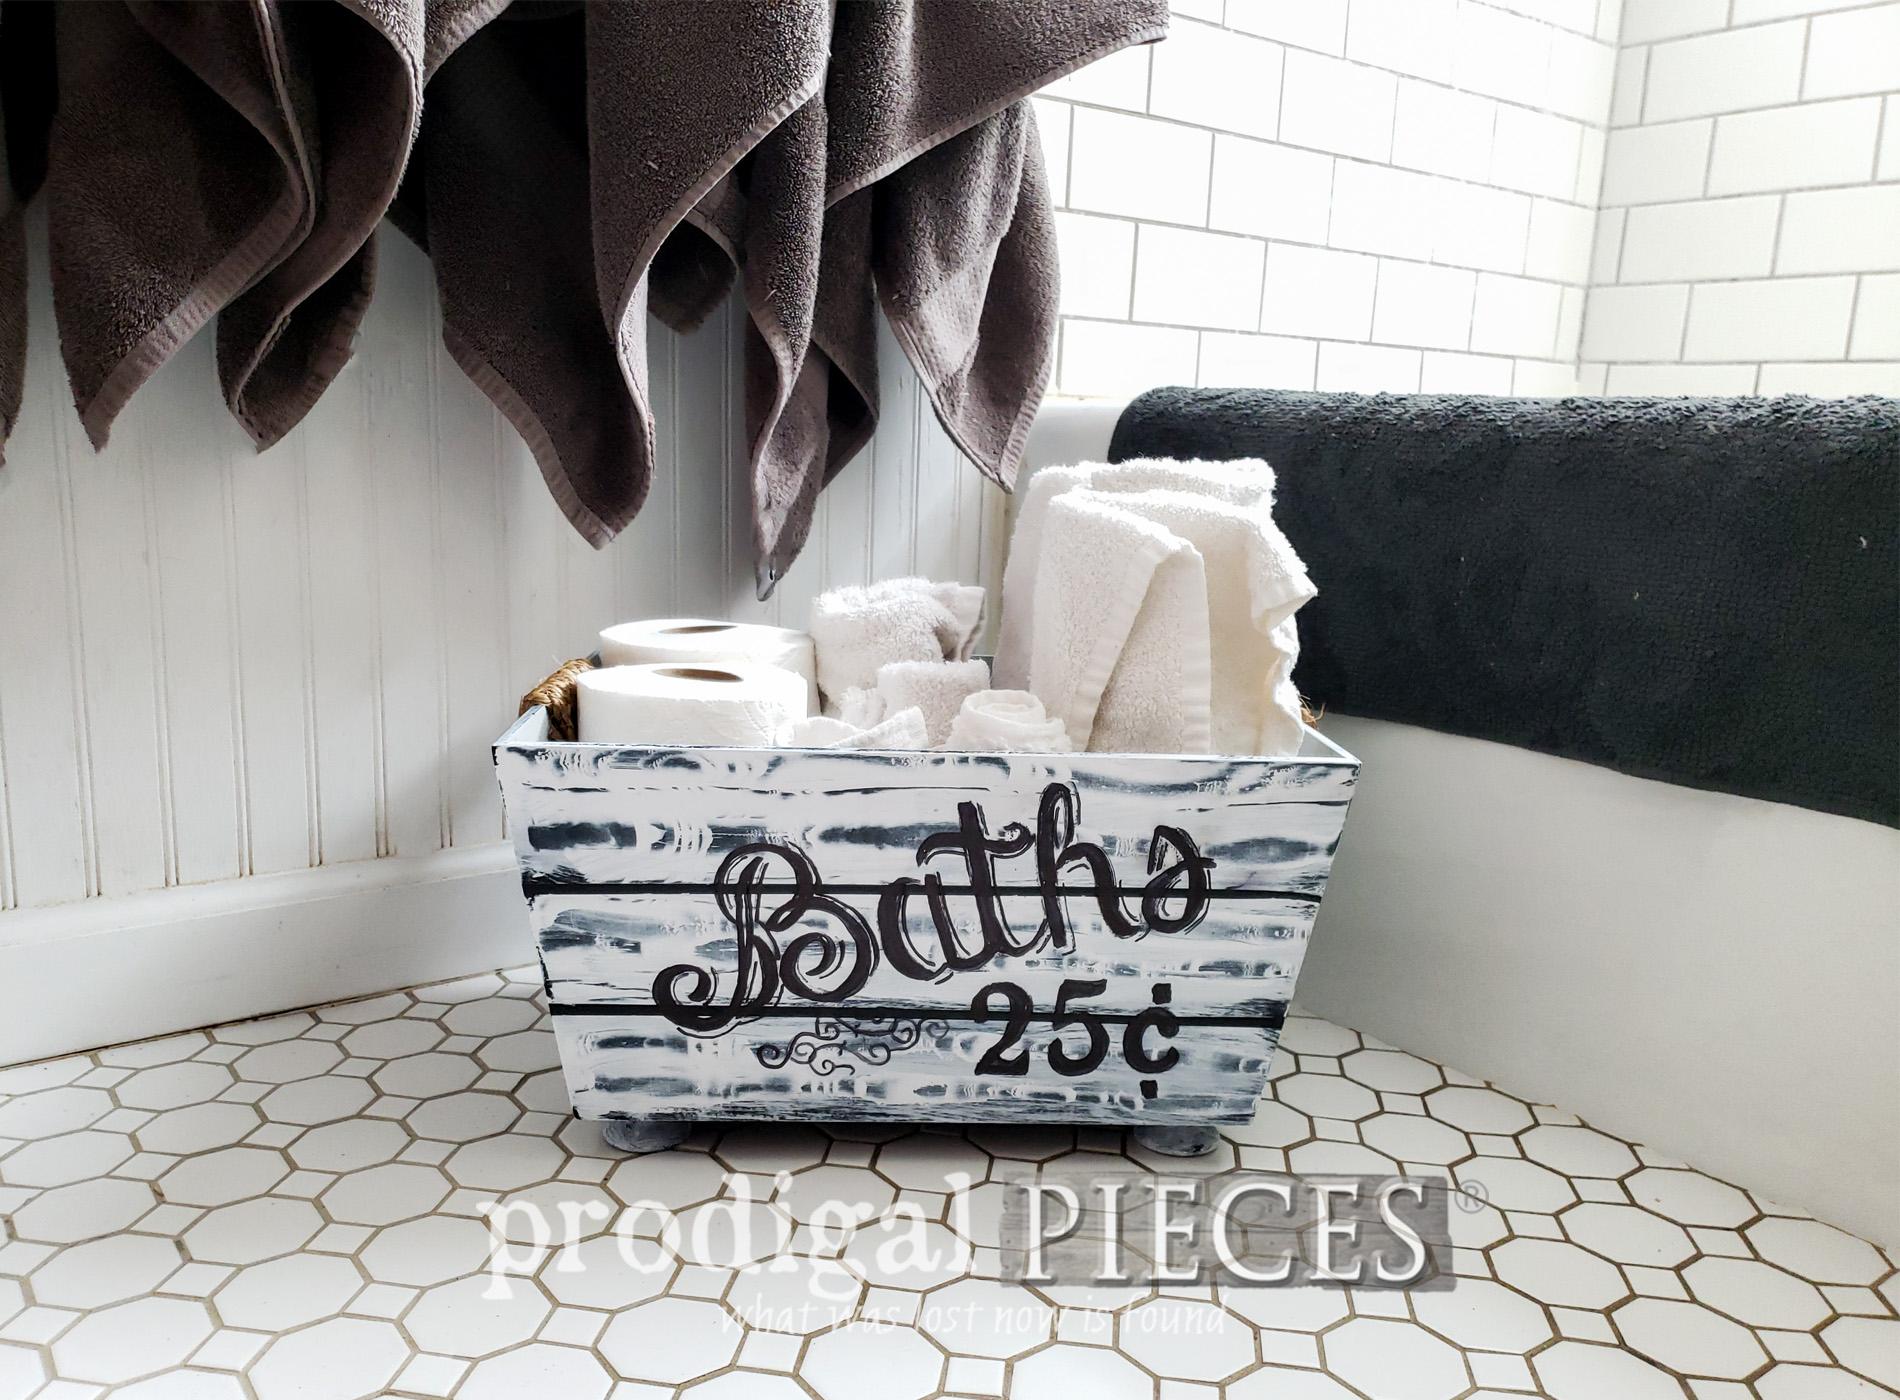 Featured Farmhouse Bathroom Storage from Thrift Store Bin by Larissa of Prodigal Pieces | prodigalpieces.com #prodigalpieces #farmhouse #home #shopping #storage #tutorial #homedecor #homedecorideas #handmade